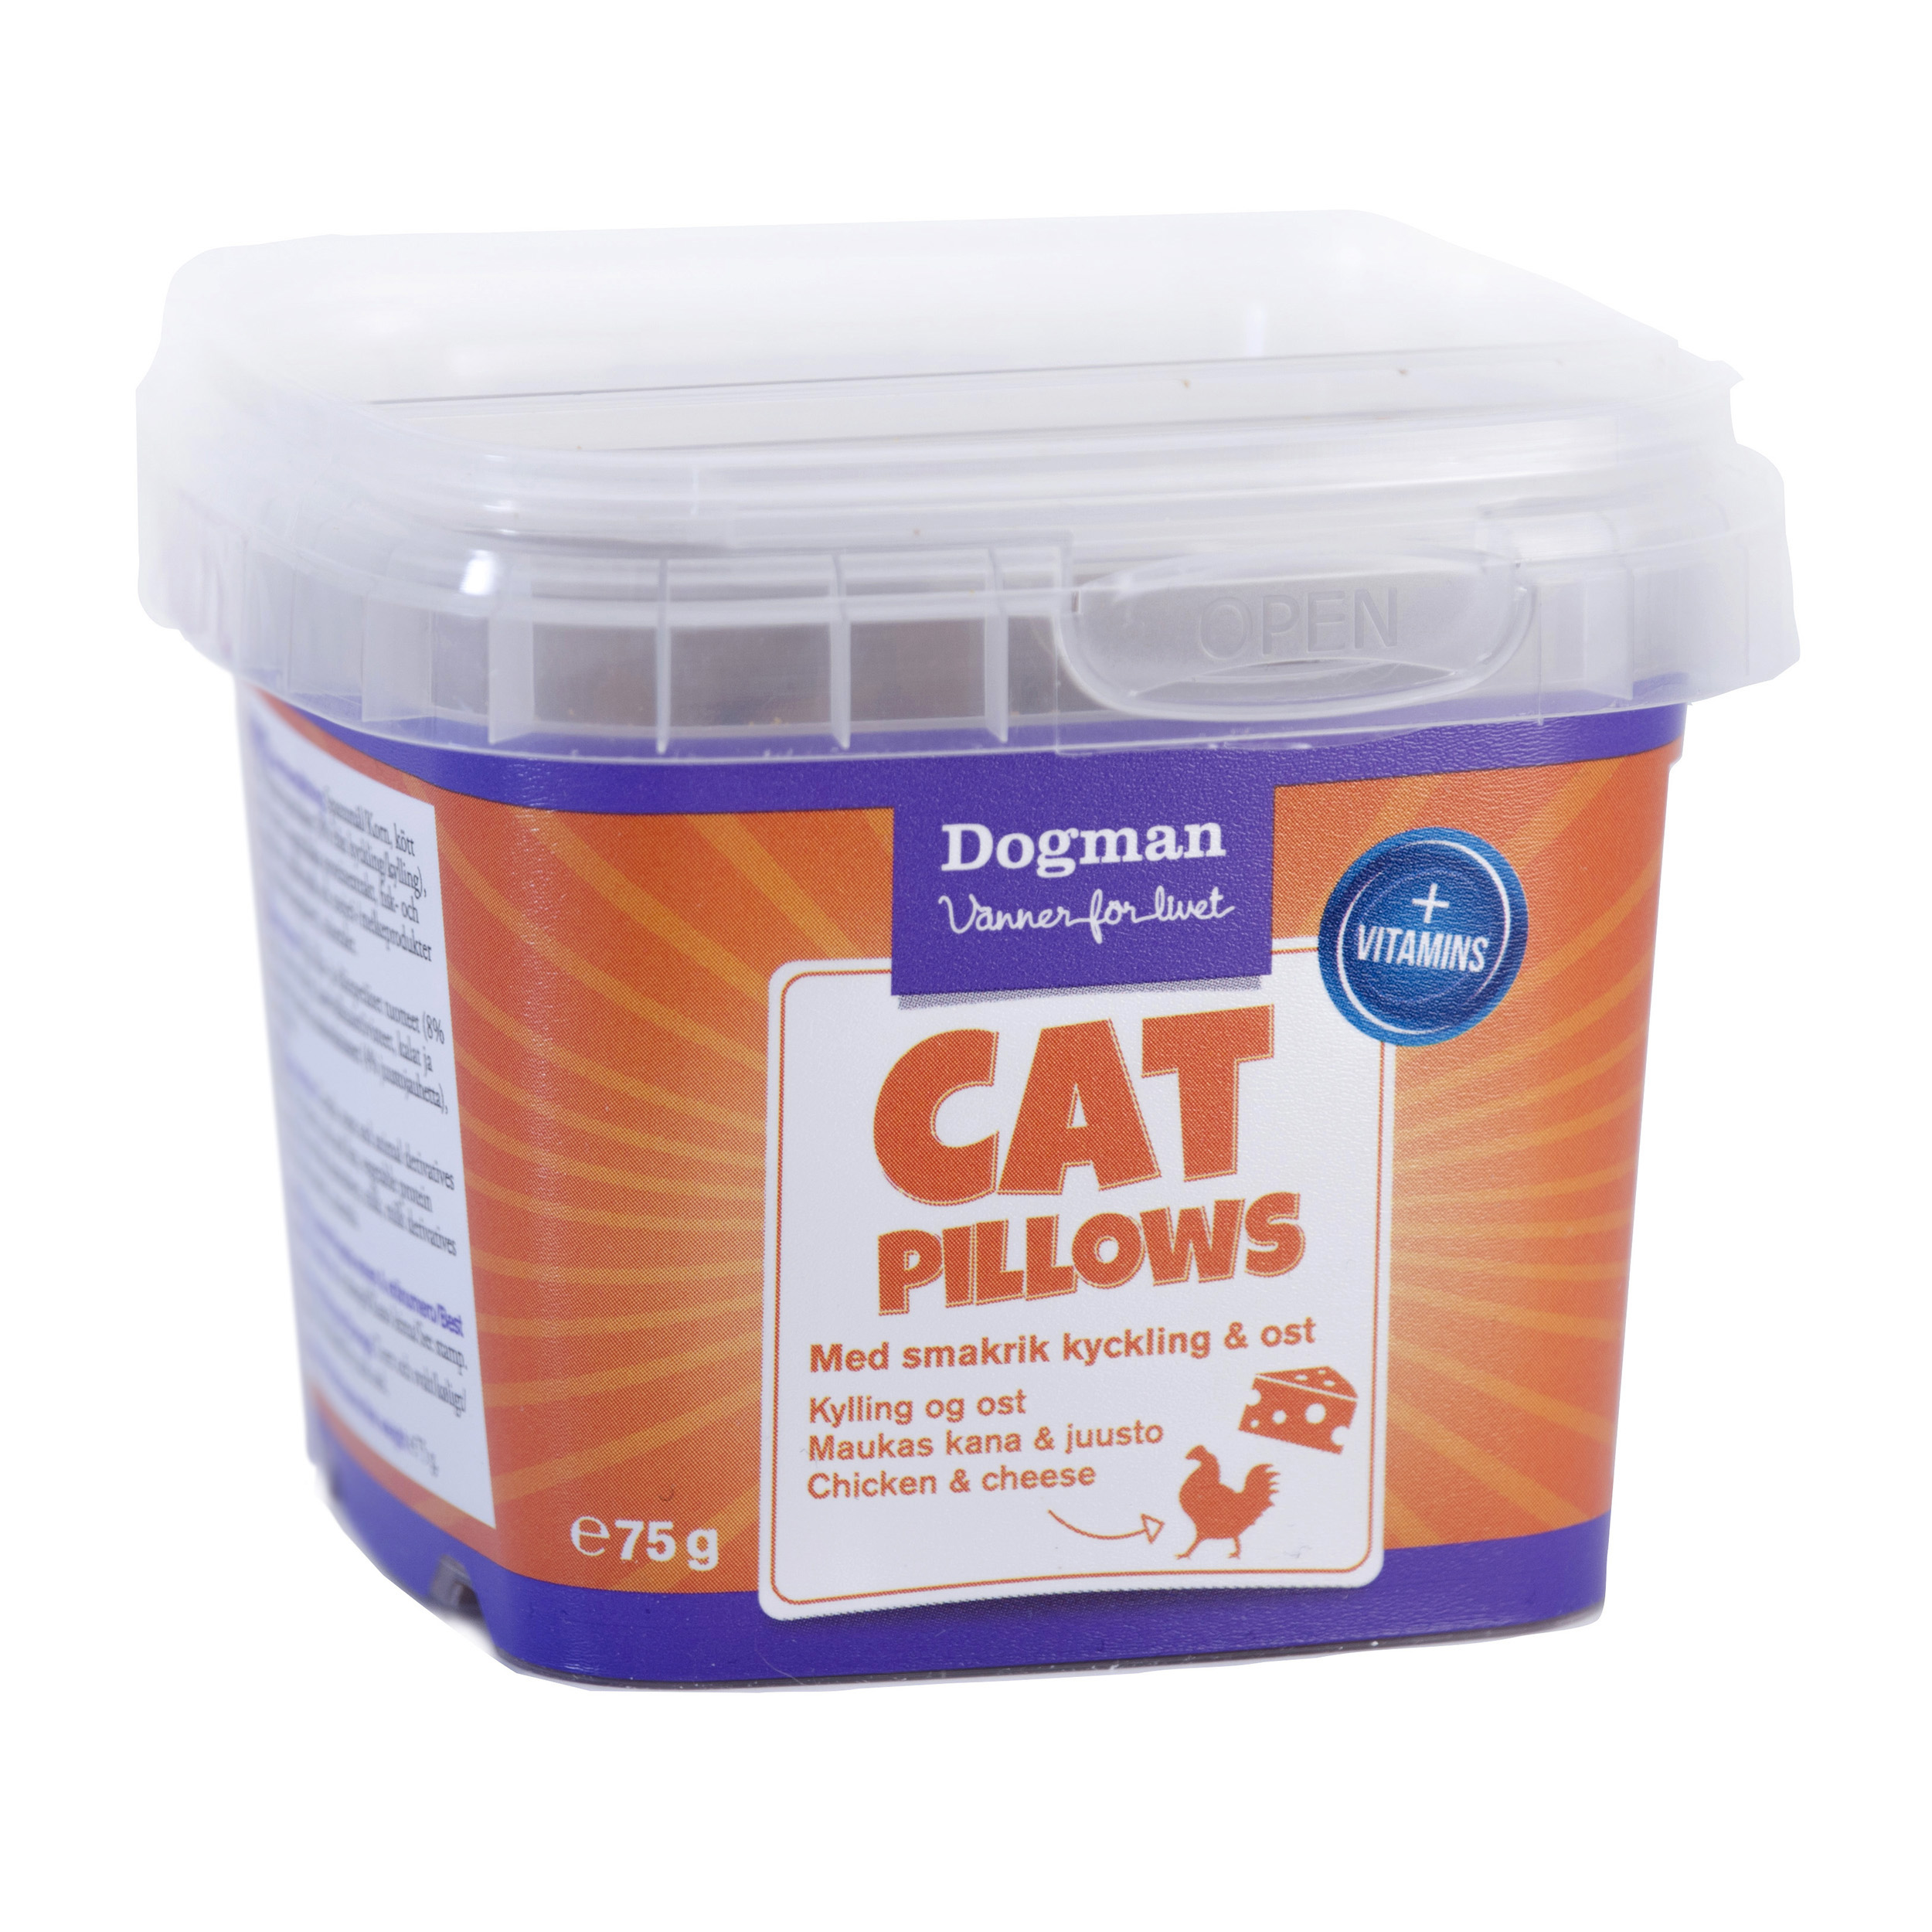 Dogman Pillows kyckling ost 75g